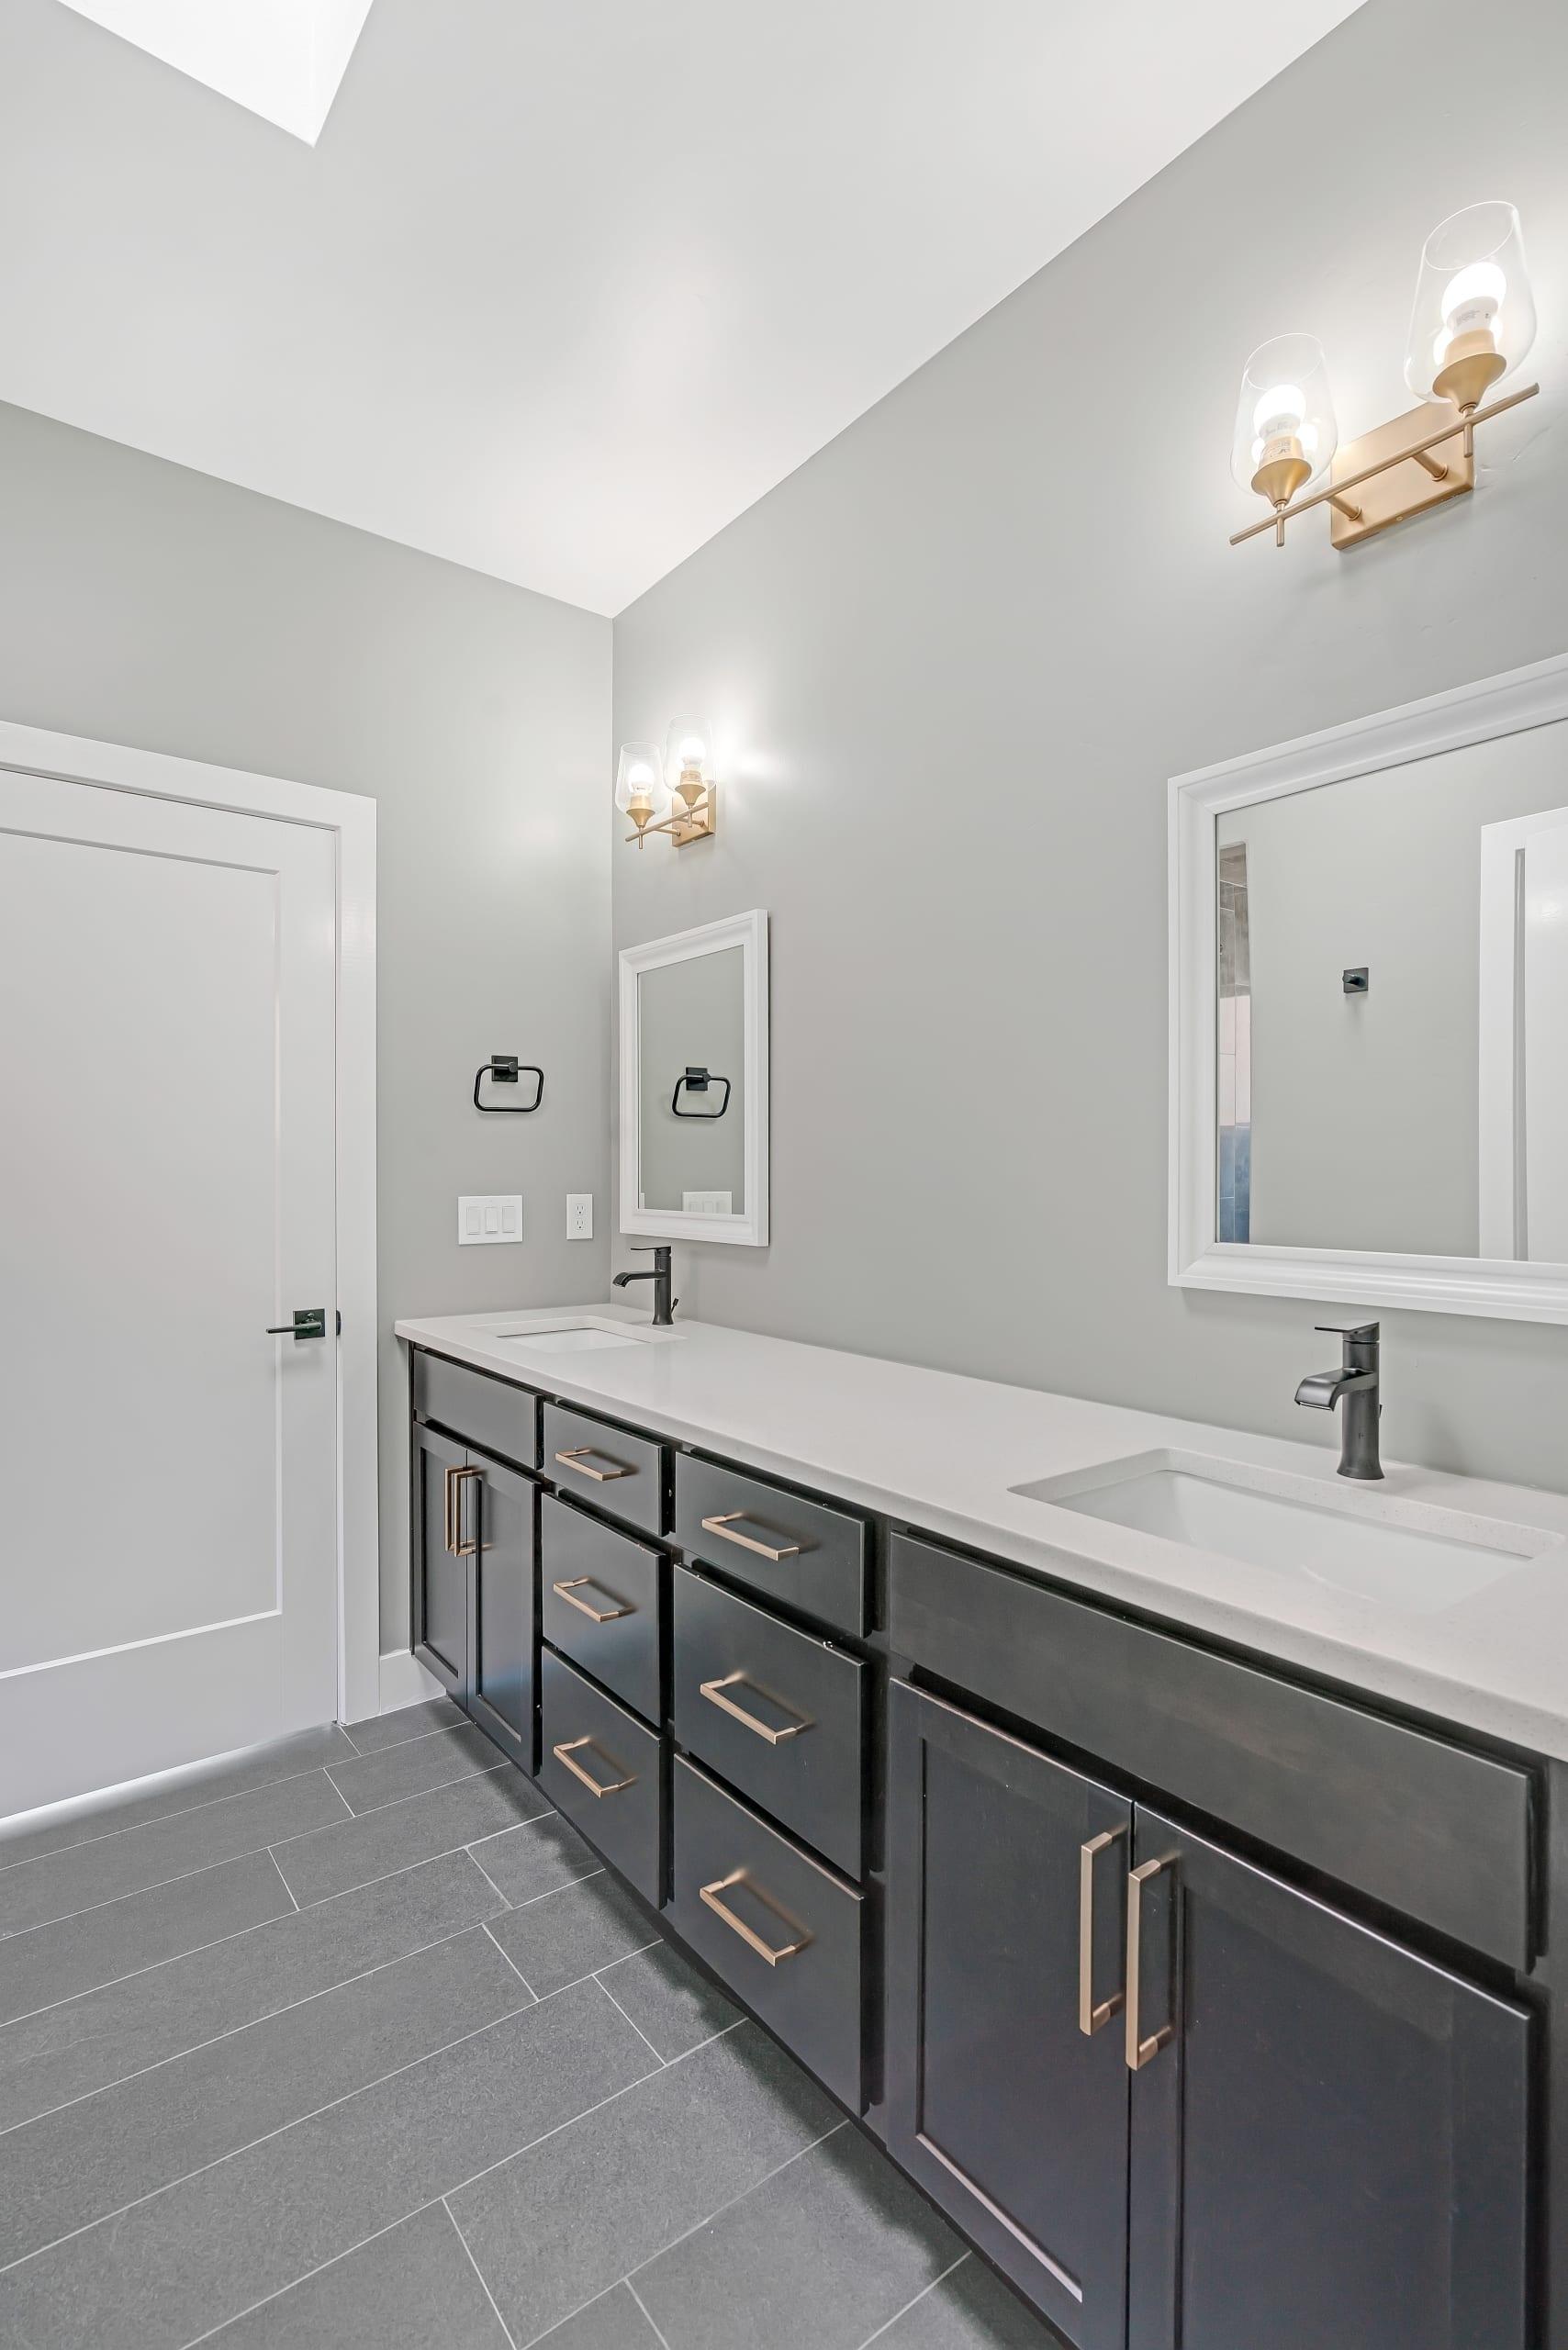 Bathroom - two sinks - vanity mirrors